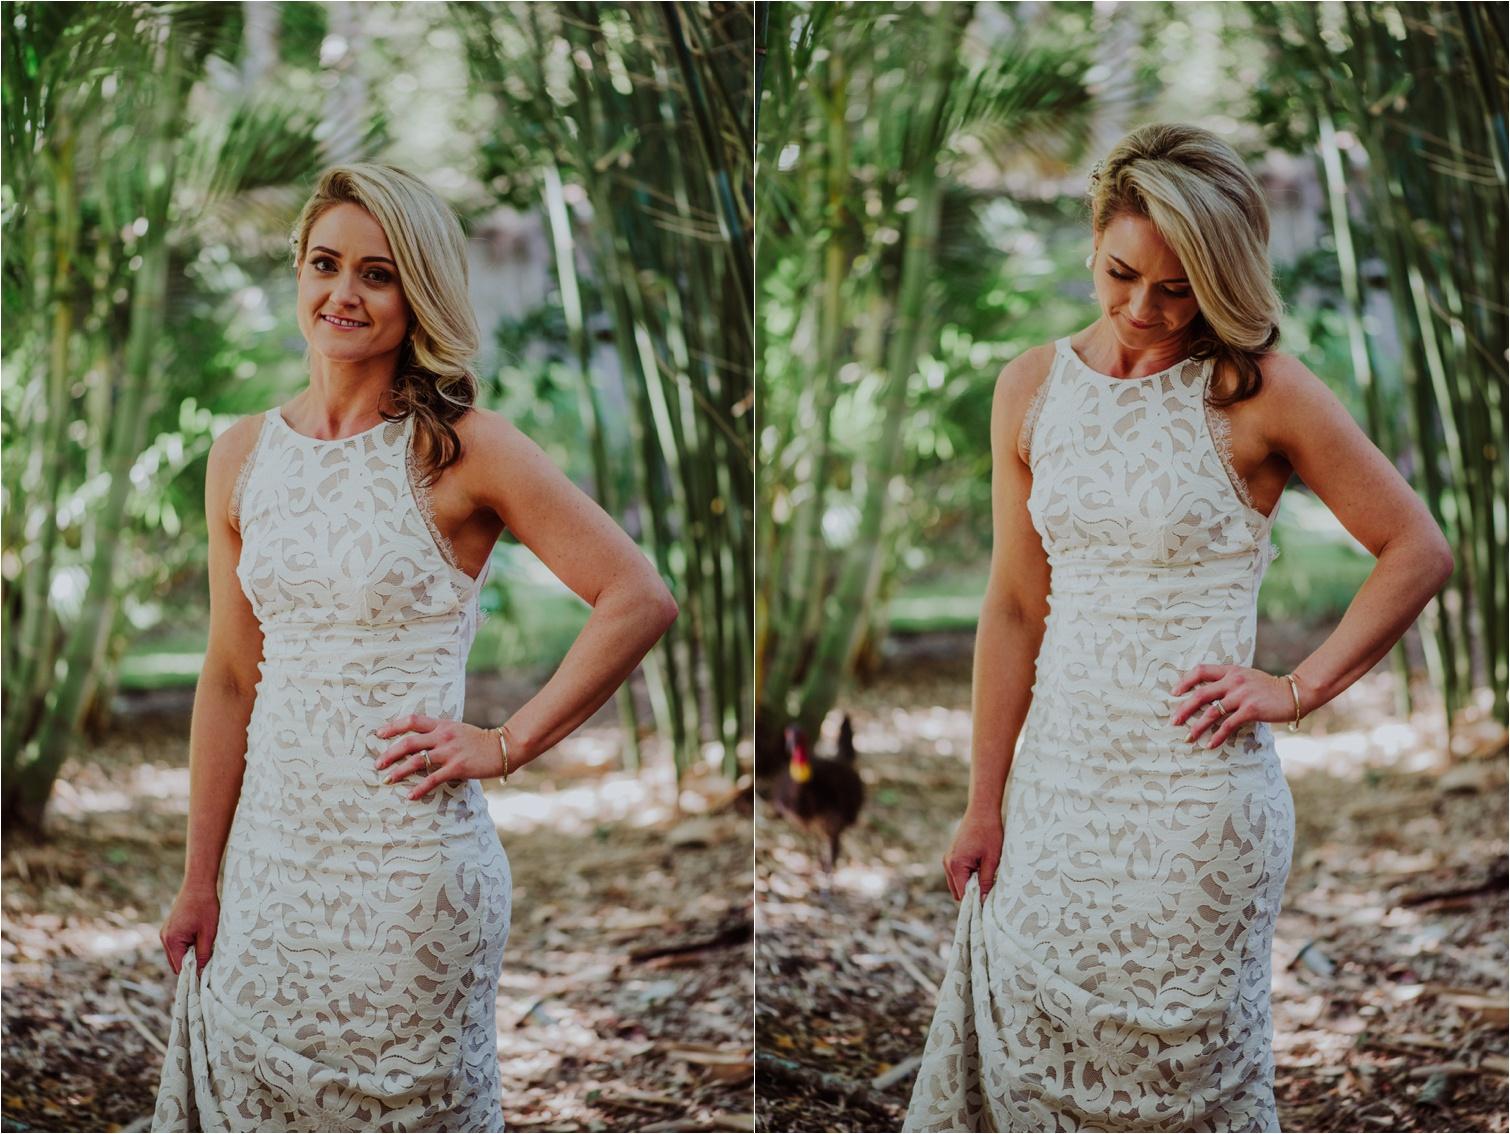 Grace loves lace wedding dress bridal portrait